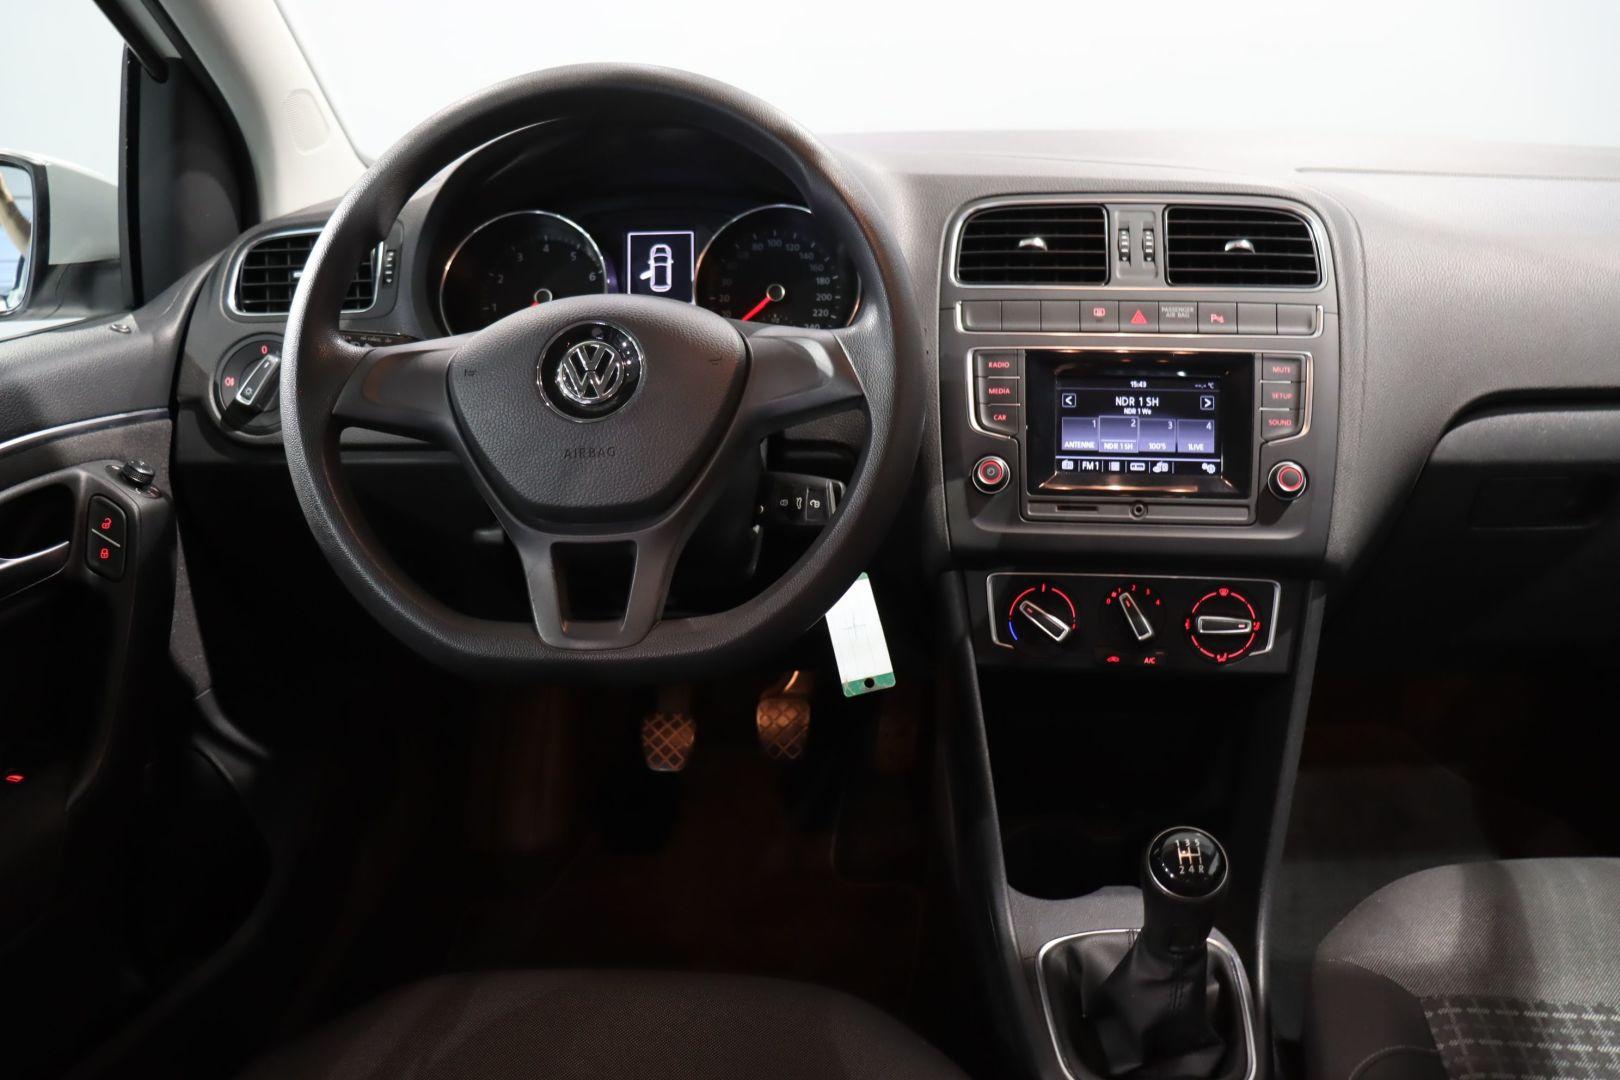 Volkswagen Polo V 1 0 75ch Edition 5p